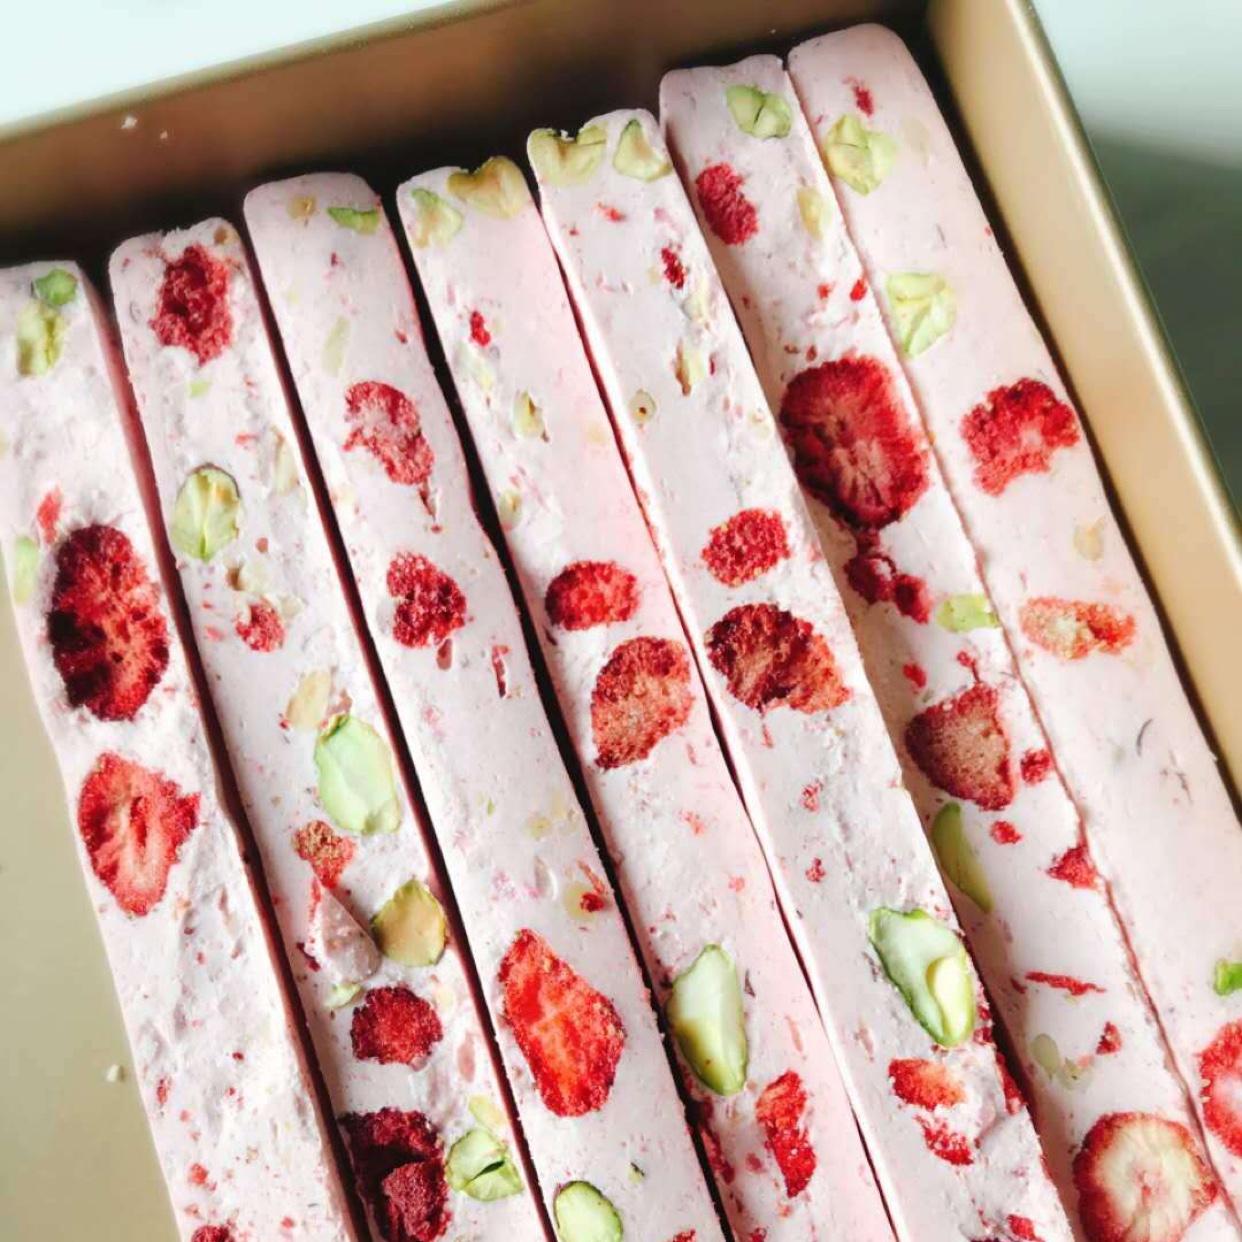 草莓粉烘焙原料 雪花酥食用烘培乐滋冻草莓干芒果干脆碎即冲即饮